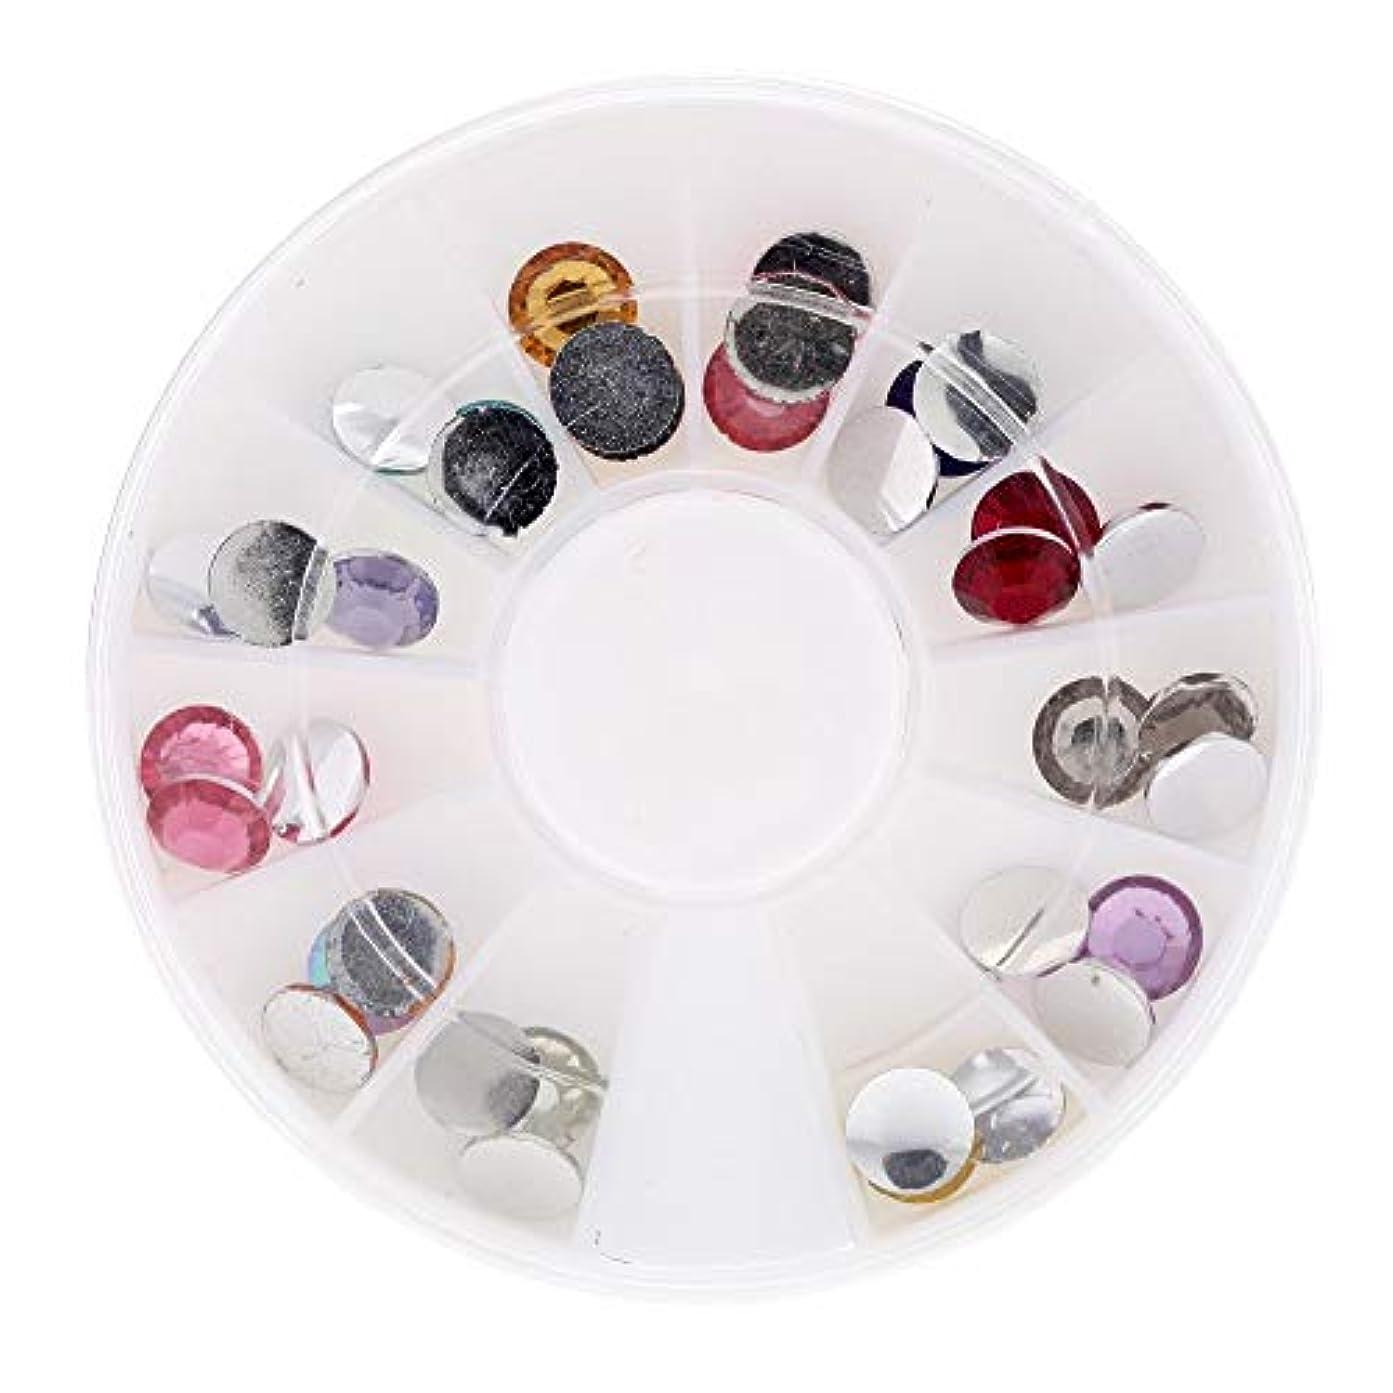 ネイルデコパーツ ラインストーン ネイル用ストーン ガラス 製 大容量 DIY ネイルデザイン ミックスパーツ カラフルな宝石 3d キラキラ ネイル用品 ネイルパーツツー ネイルステッカー ネイル デコ用